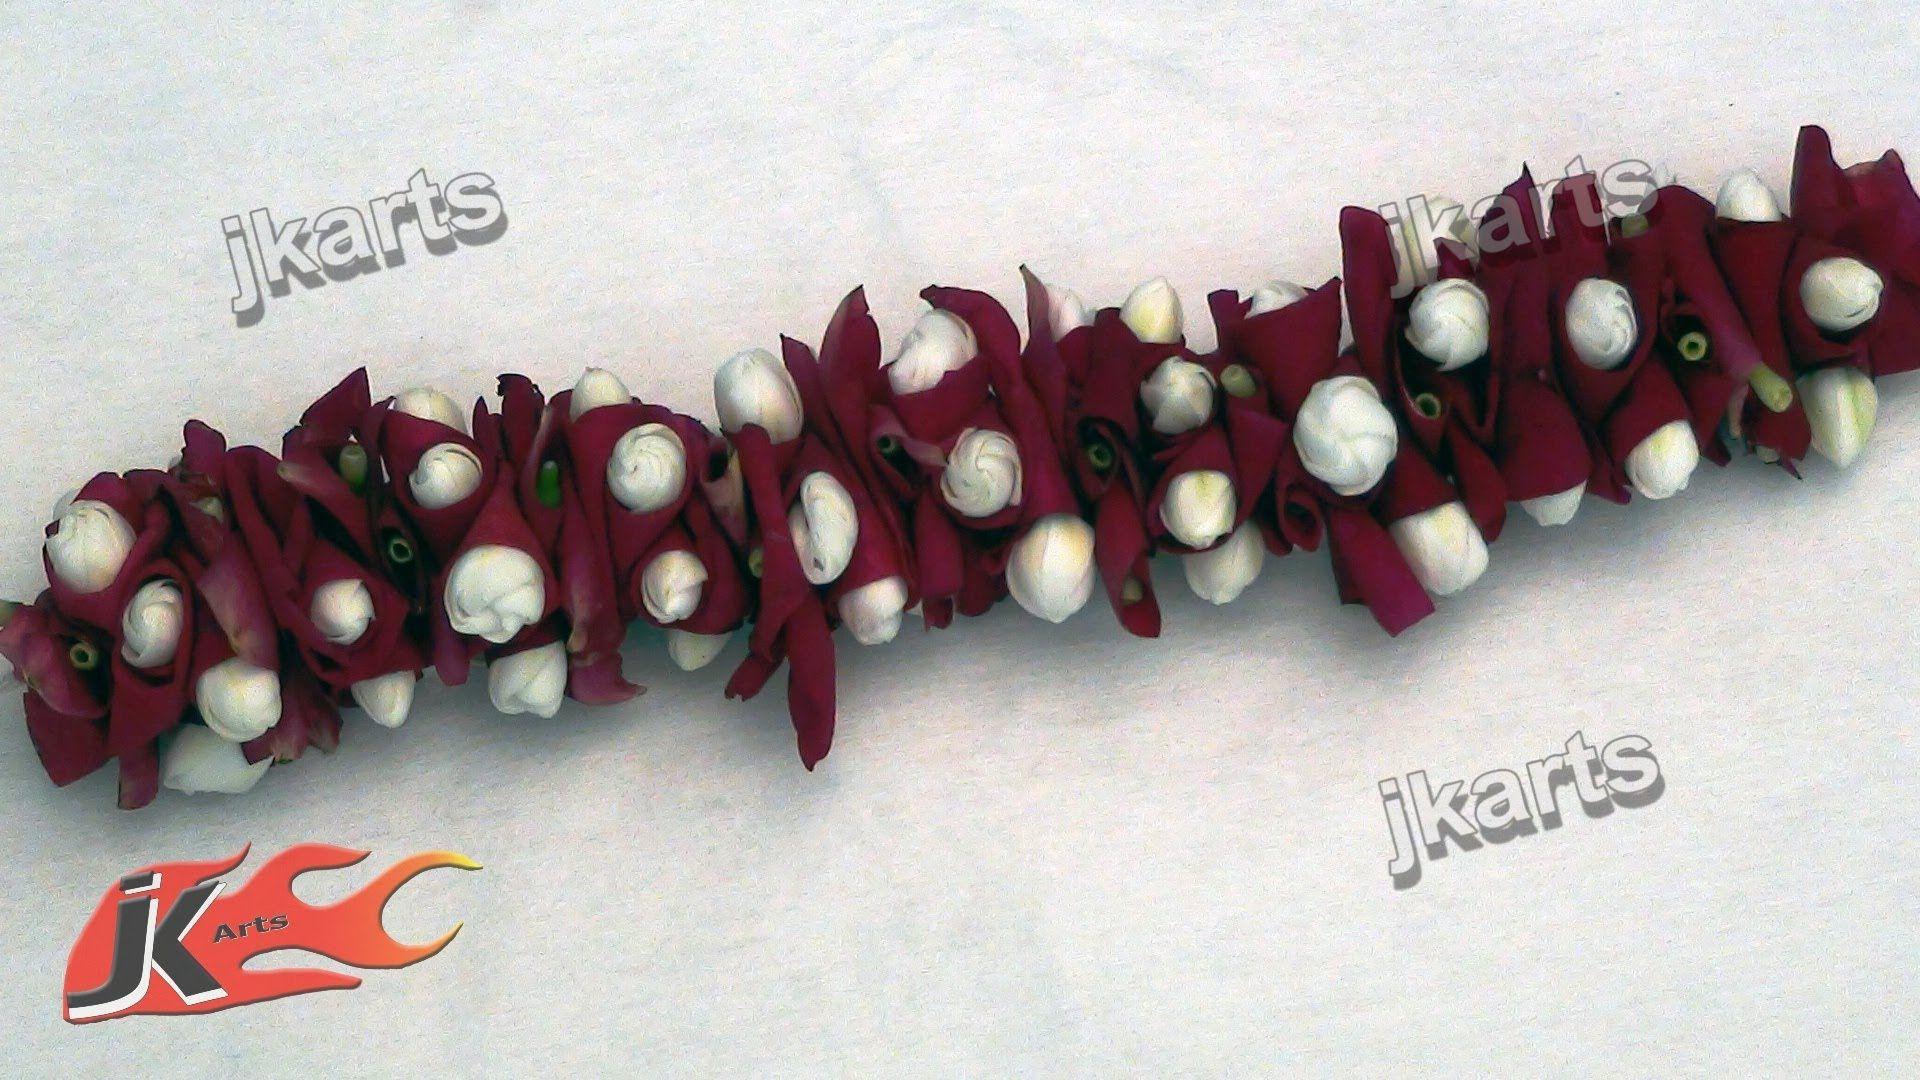 Diy how to make gajra veni traditional indian garland jk